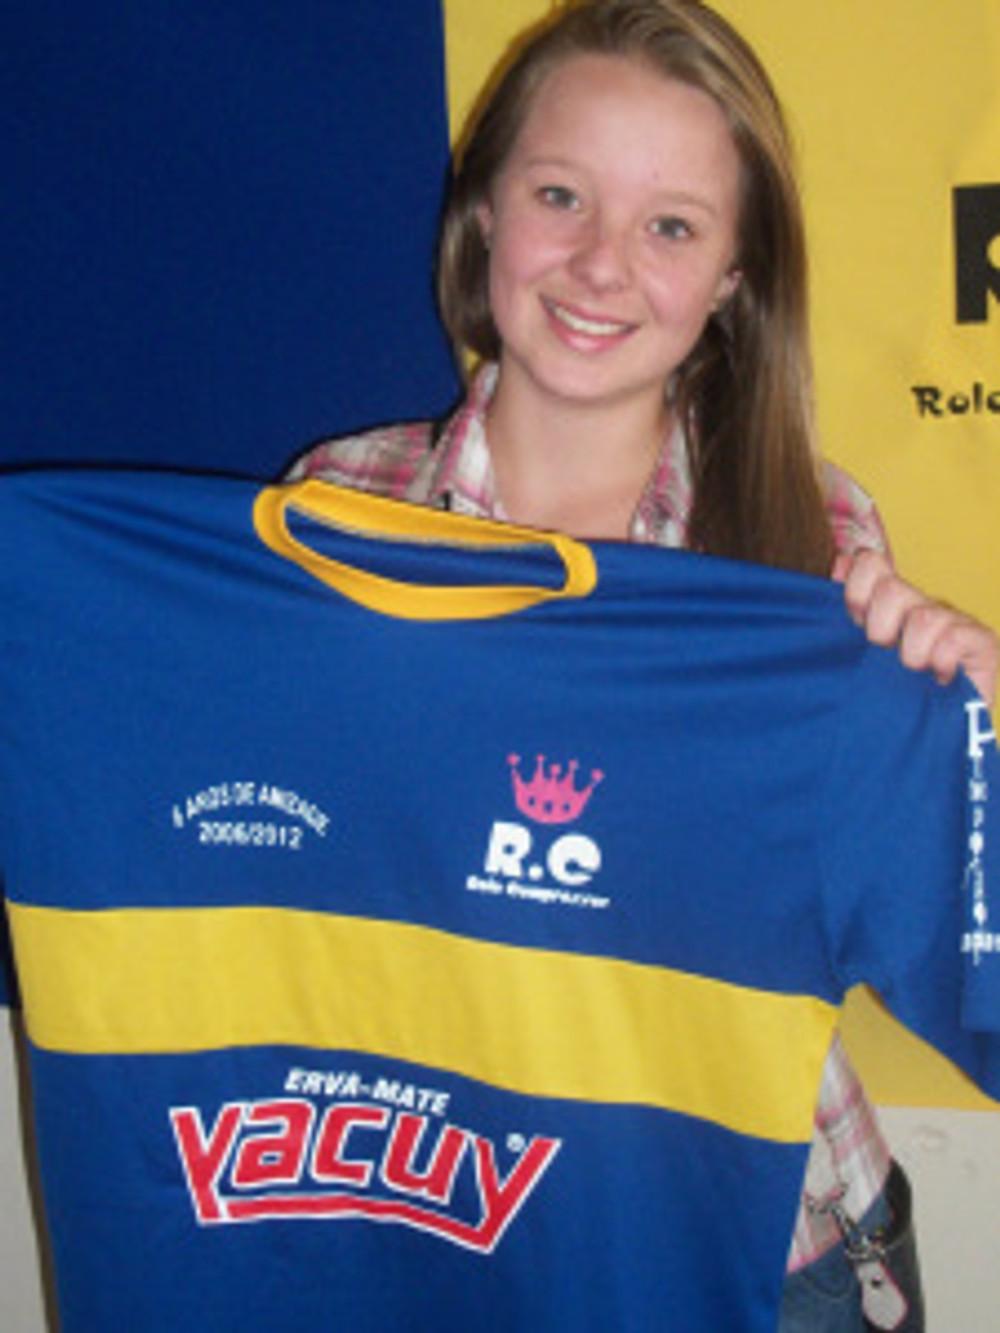 Aycha foi a vencedora do 2º sorteio em homenagem aos 06 anos do RC